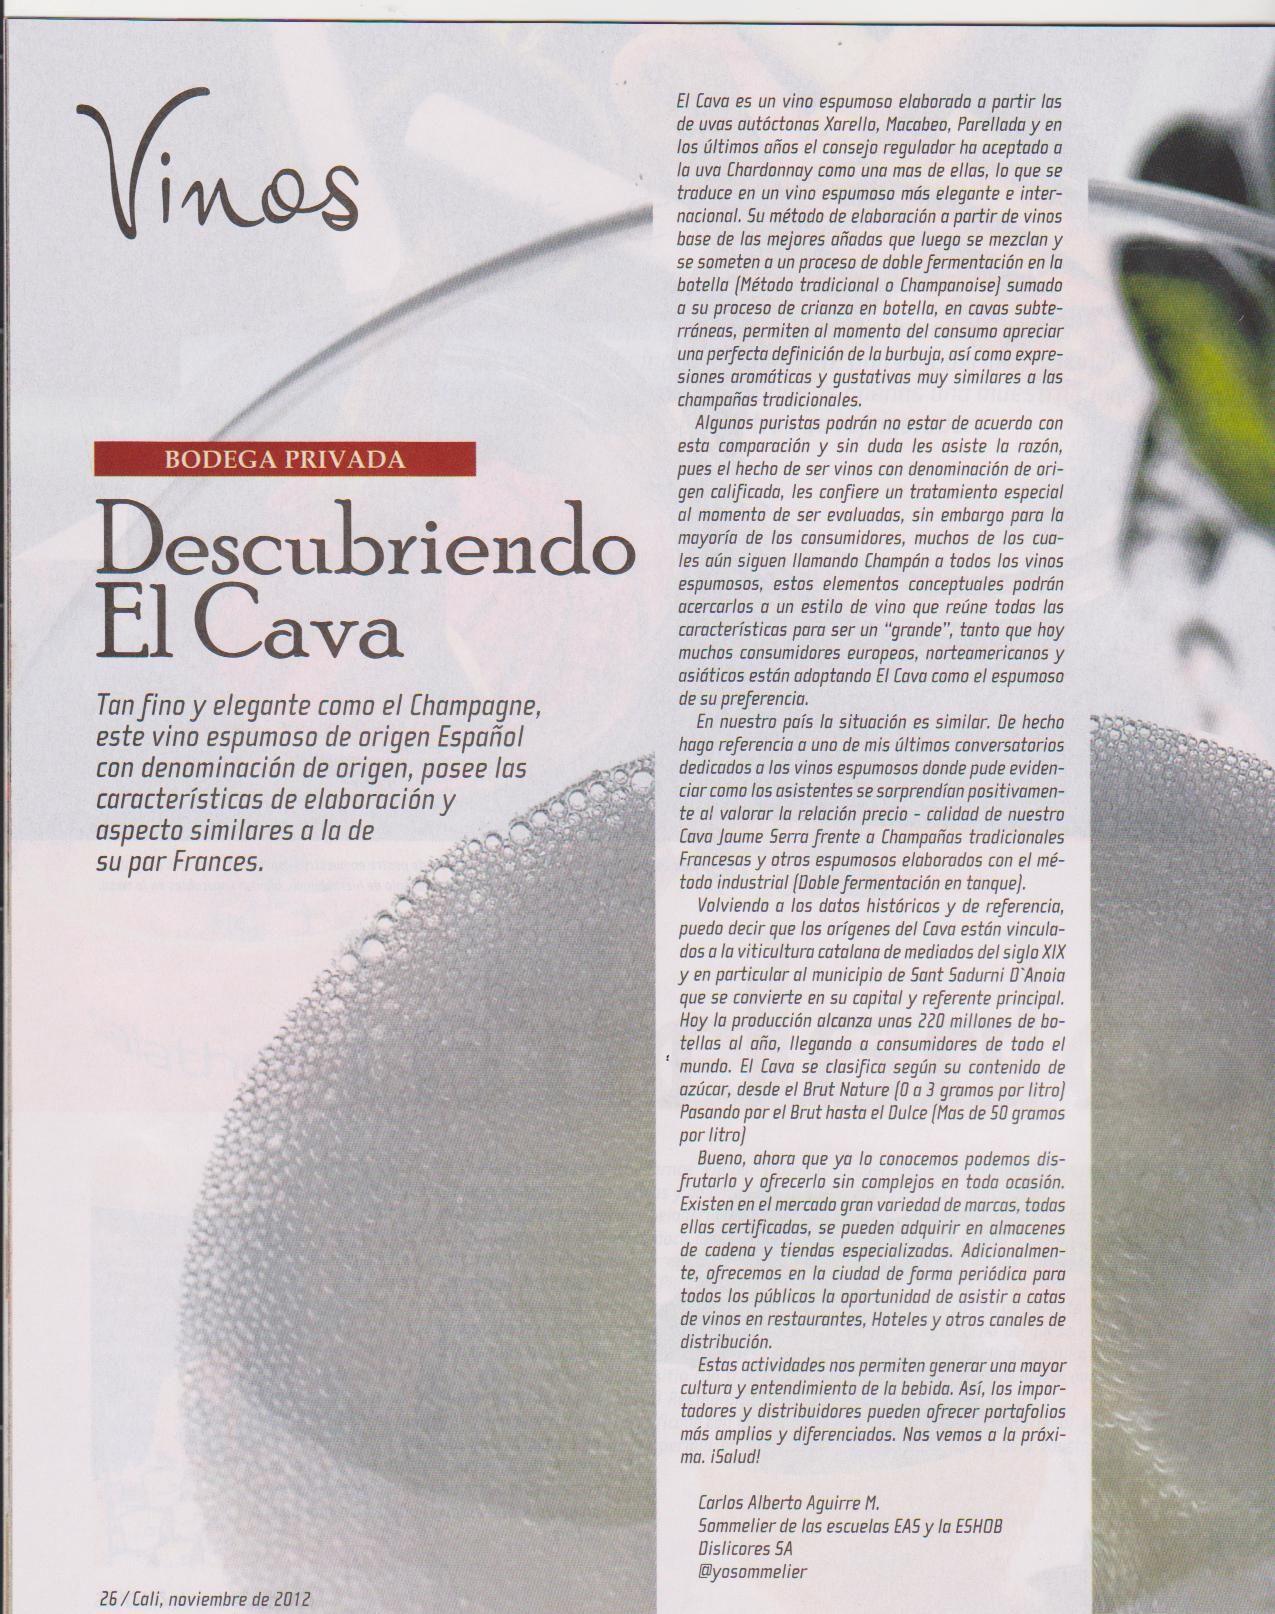 Mi articulo en el la revista Sabores del diario El Pais de Cali, Colombia